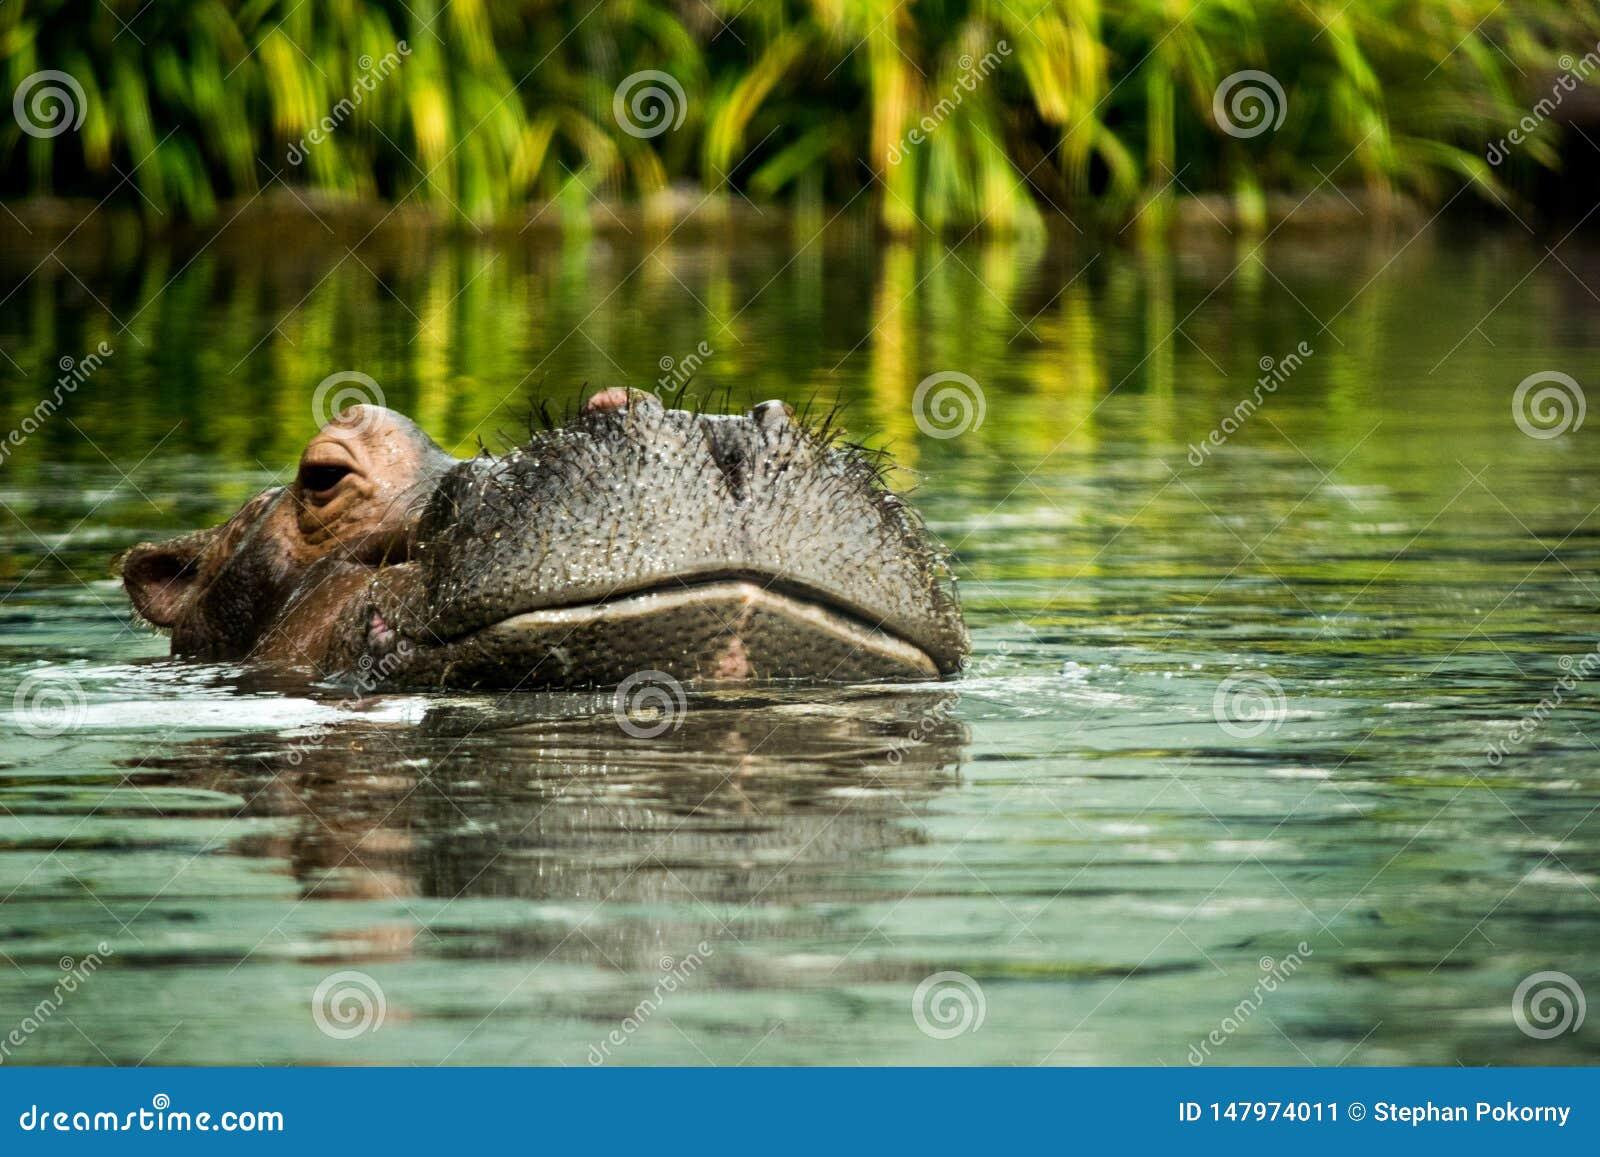 Hipopótamo en el agua que muestra apenas la cabeza